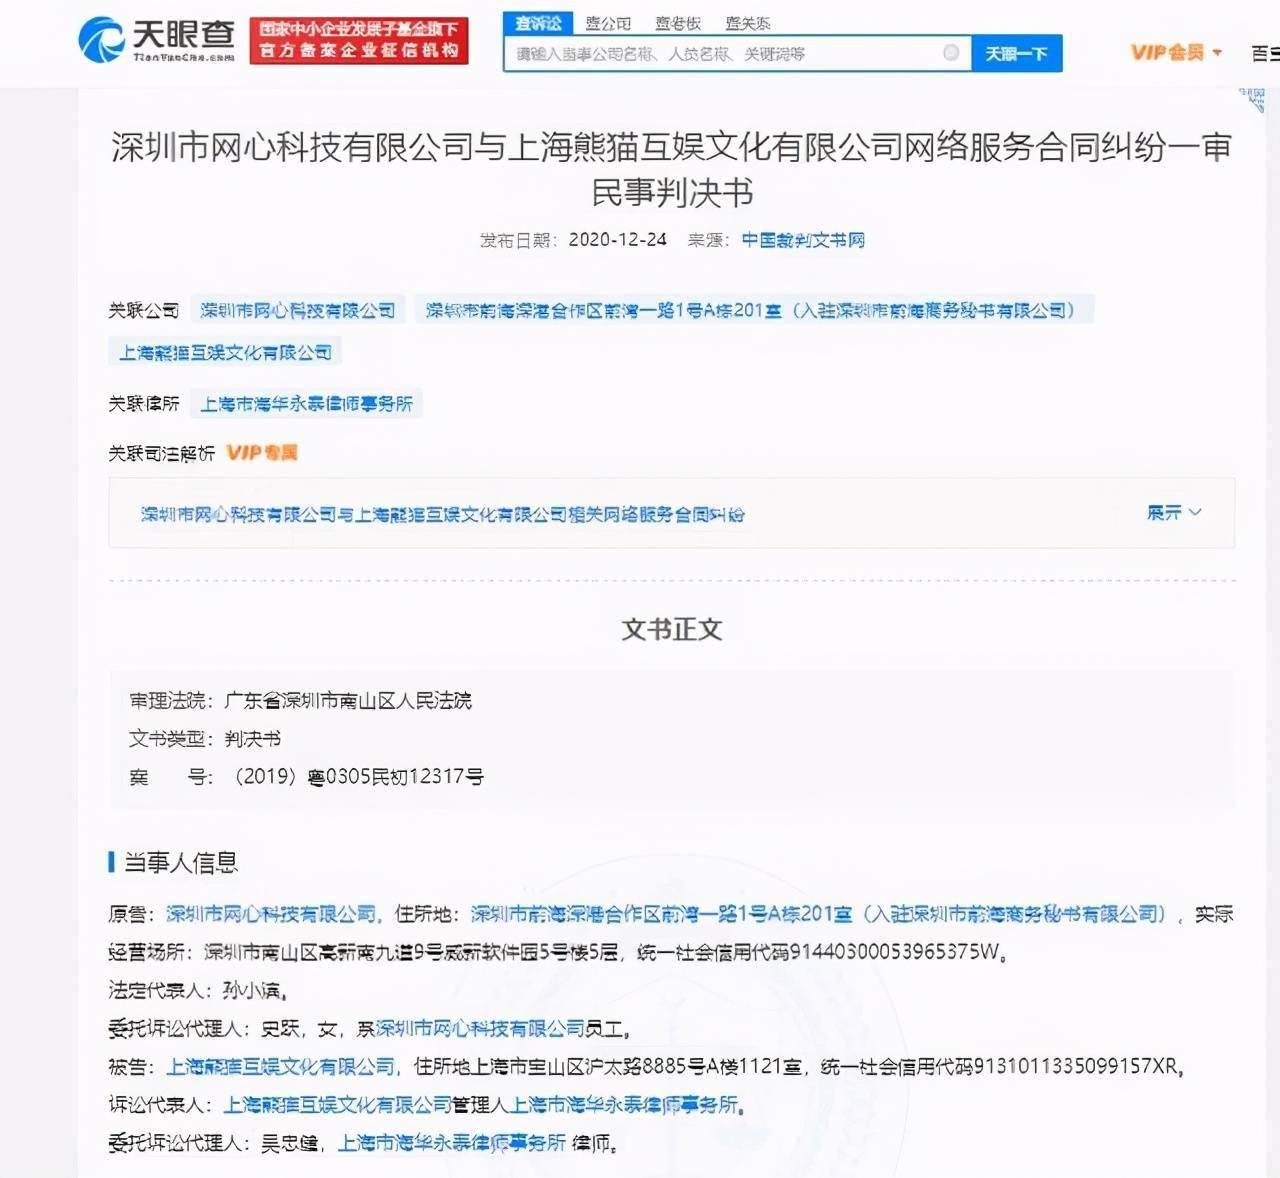 王思聪关联公司熊猫互娱成被执行人 执行标的近30万